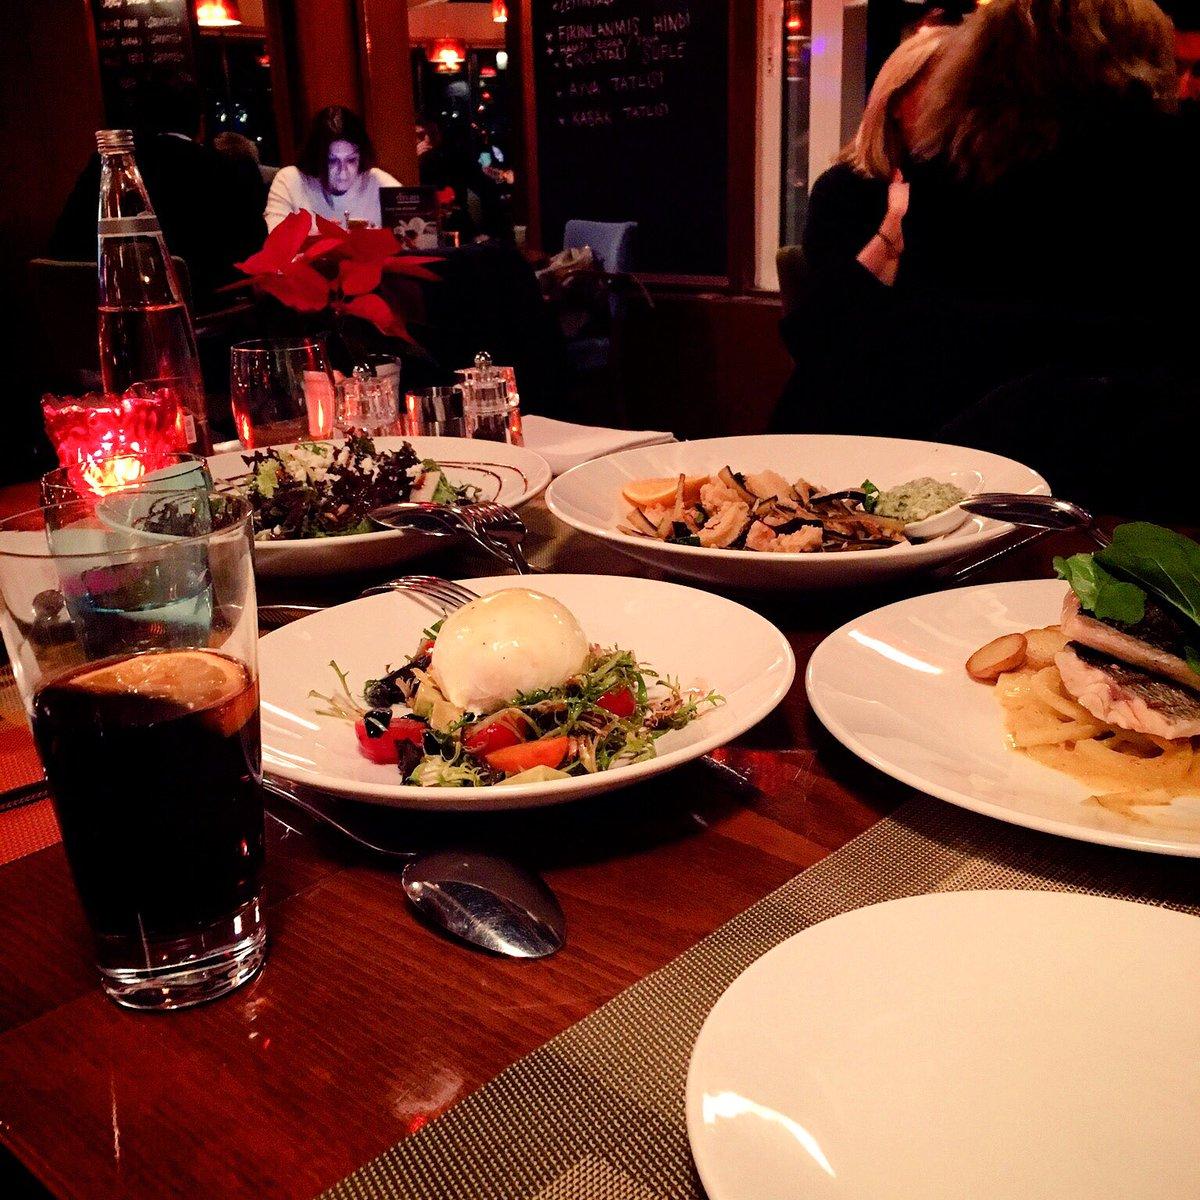 بالصور عشاء فخم , اجمل صور للعشاء الفخم 863